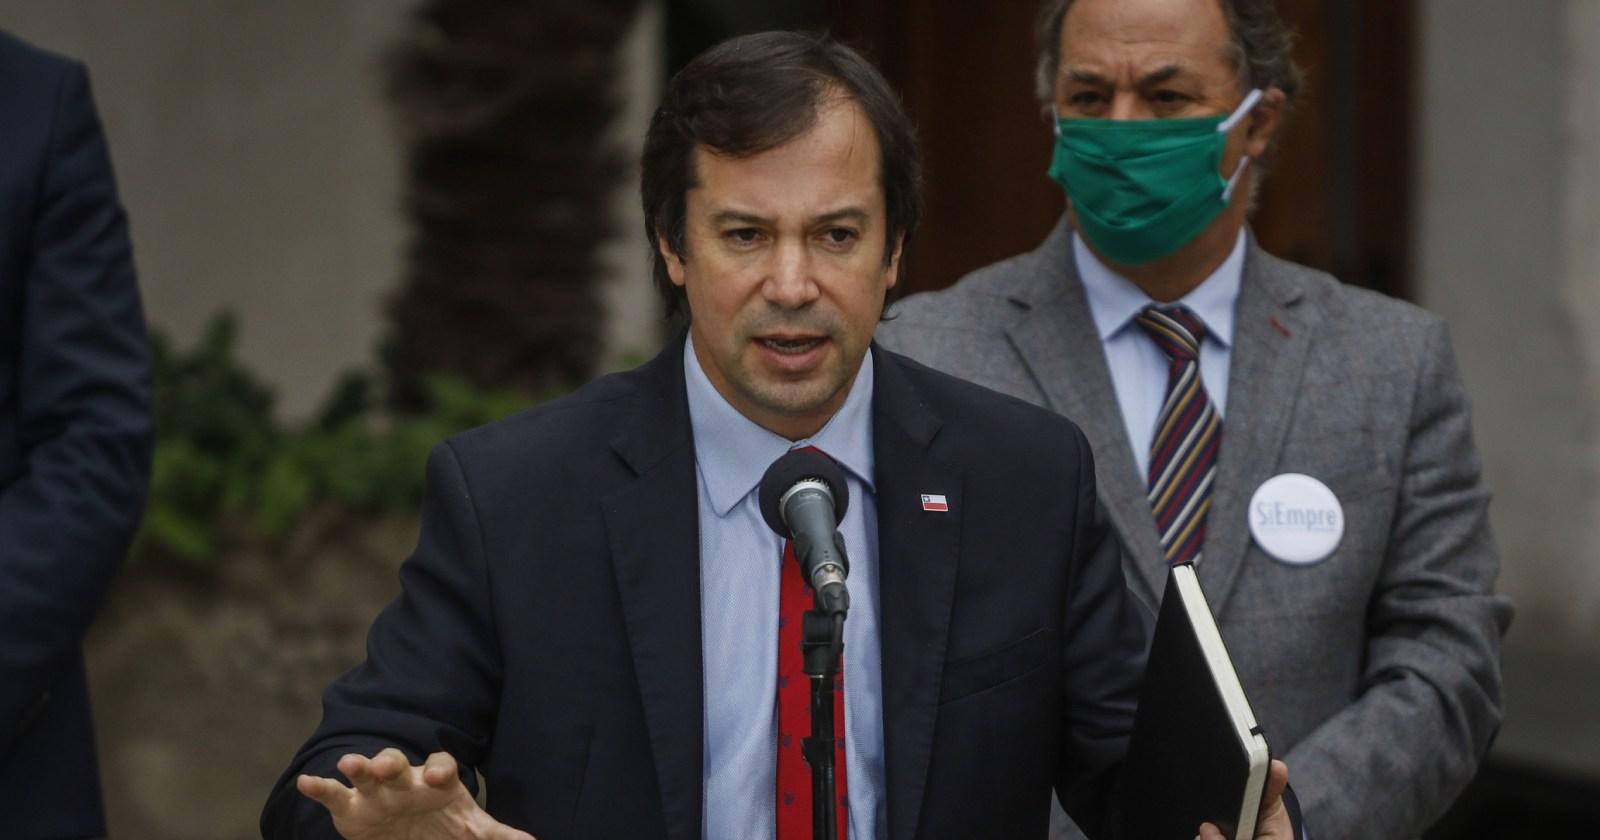 Lucas Palacios explica supuesta agresión a funcionario denunciada por ANEF